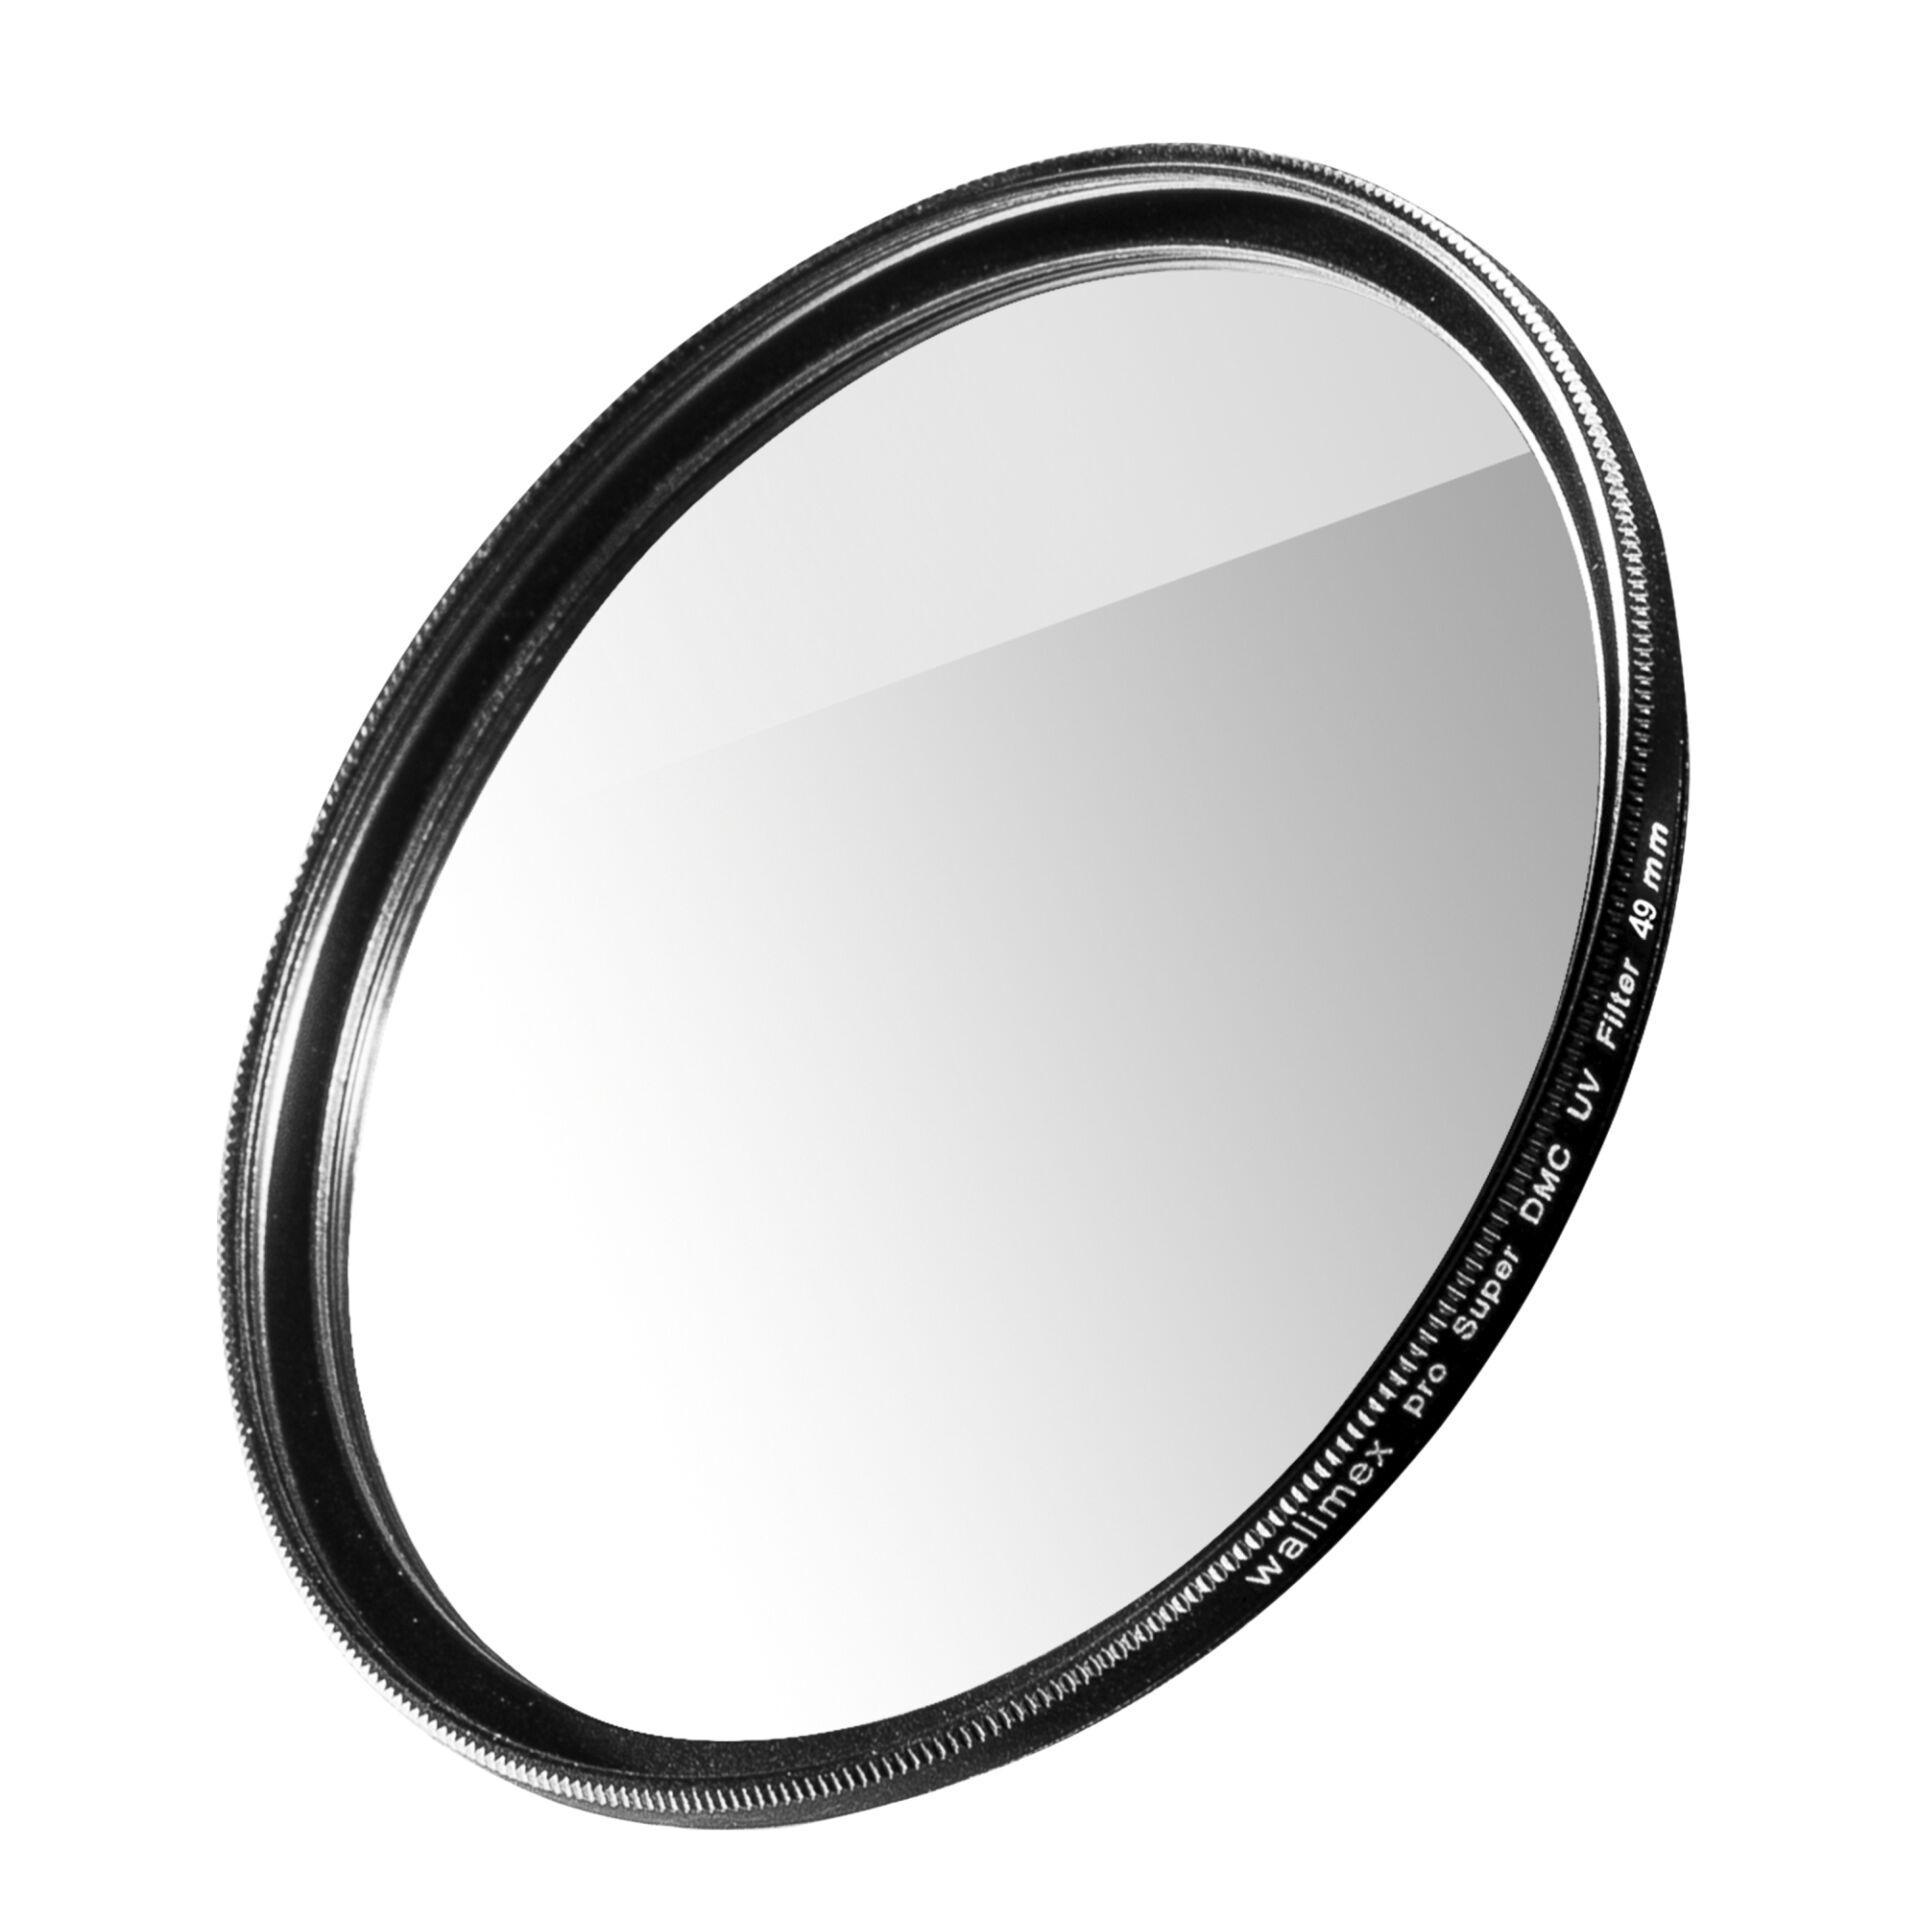 Walimex Pro UV Slim Super DMC 49mm